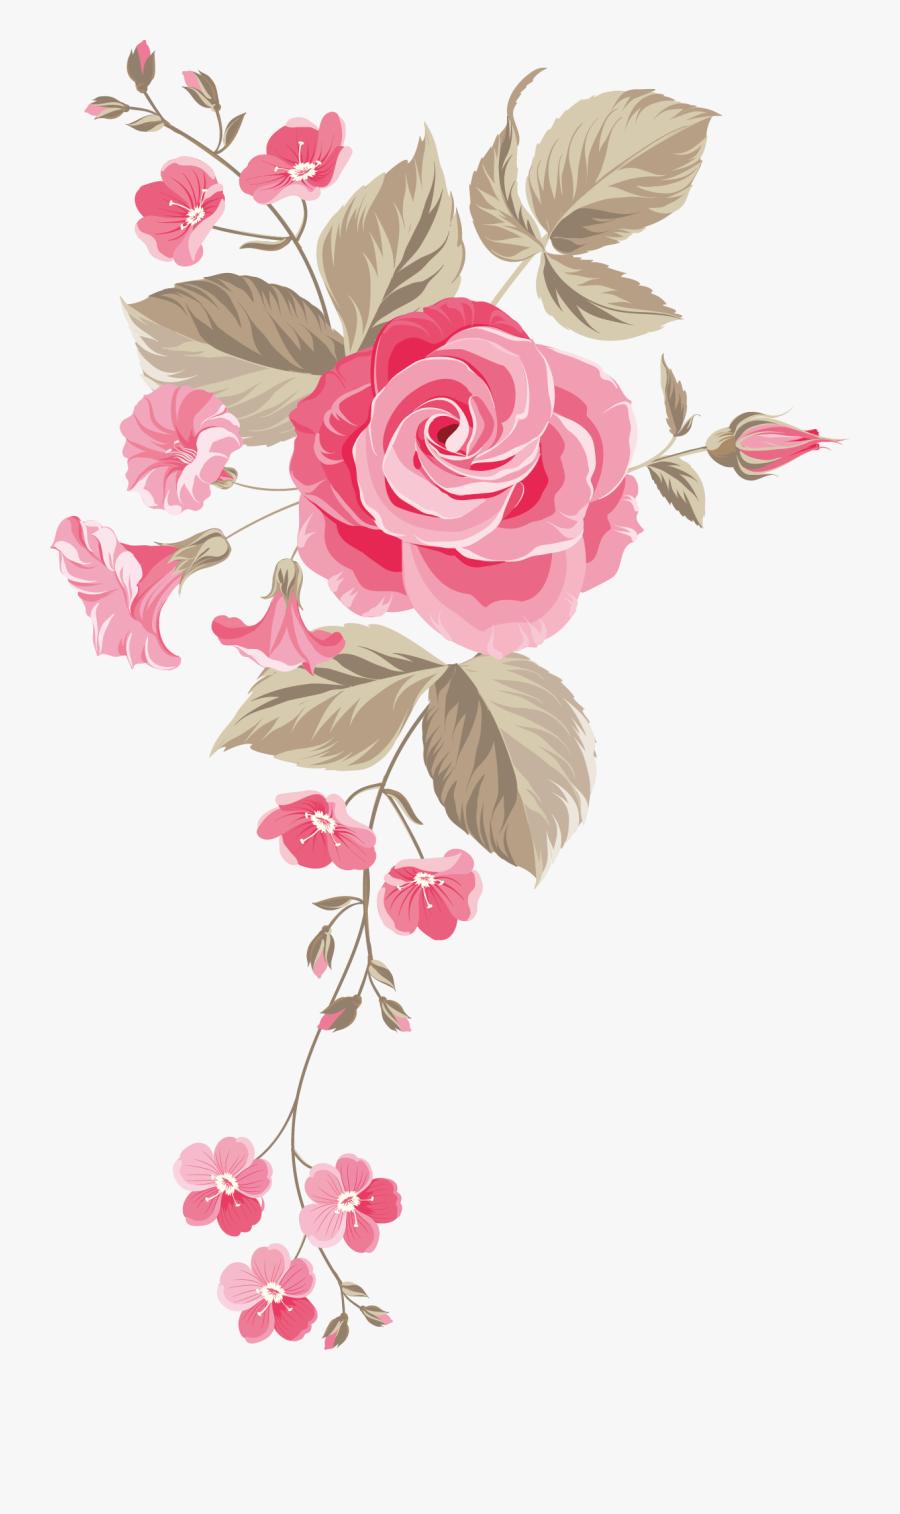 Cut Garden Bouquet Roses Centifolia Flower Design Clipart - Flower Design No Background, Transparent Clipart